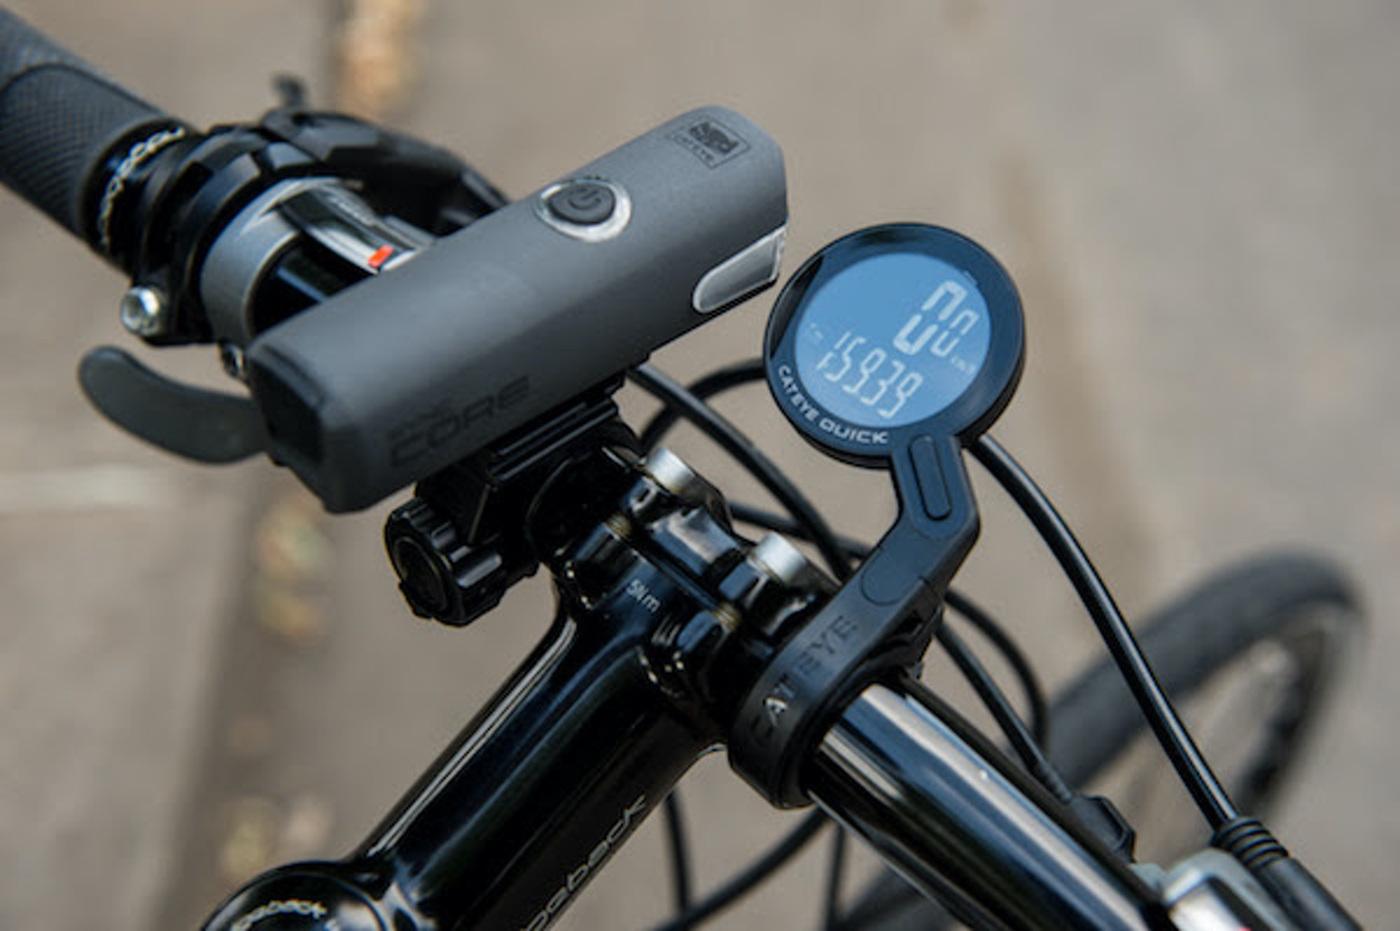 CatEye Quick: Elegante y estiloso para ciclismo urbano.